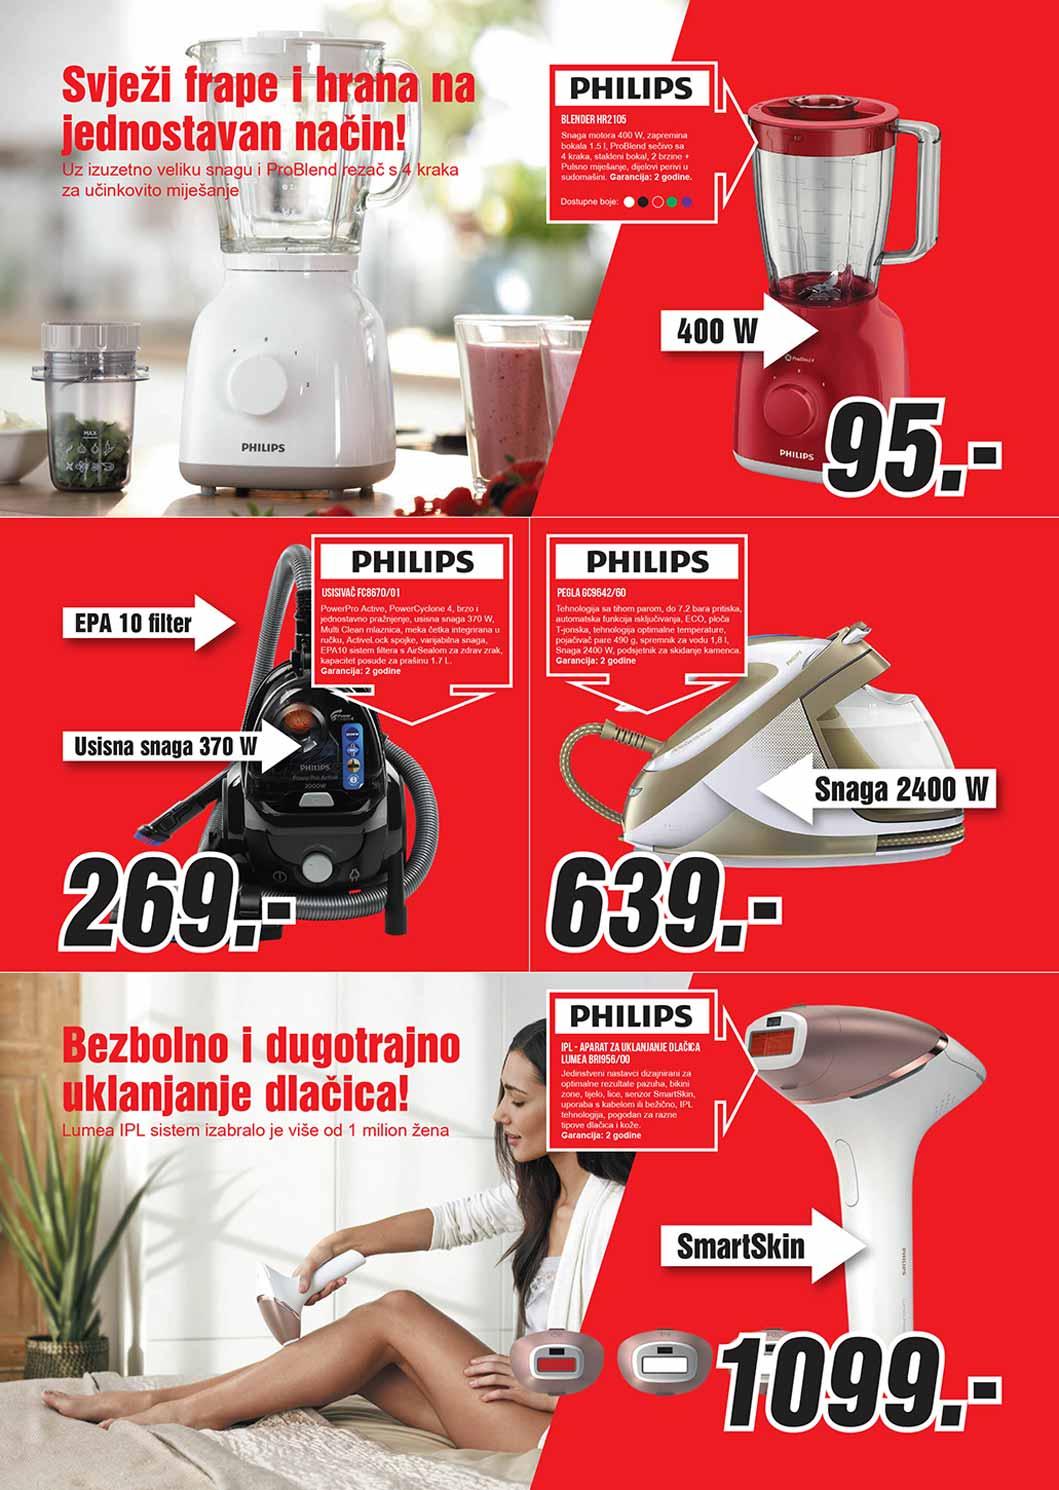 Technoshop katalog - 10.09.2017.